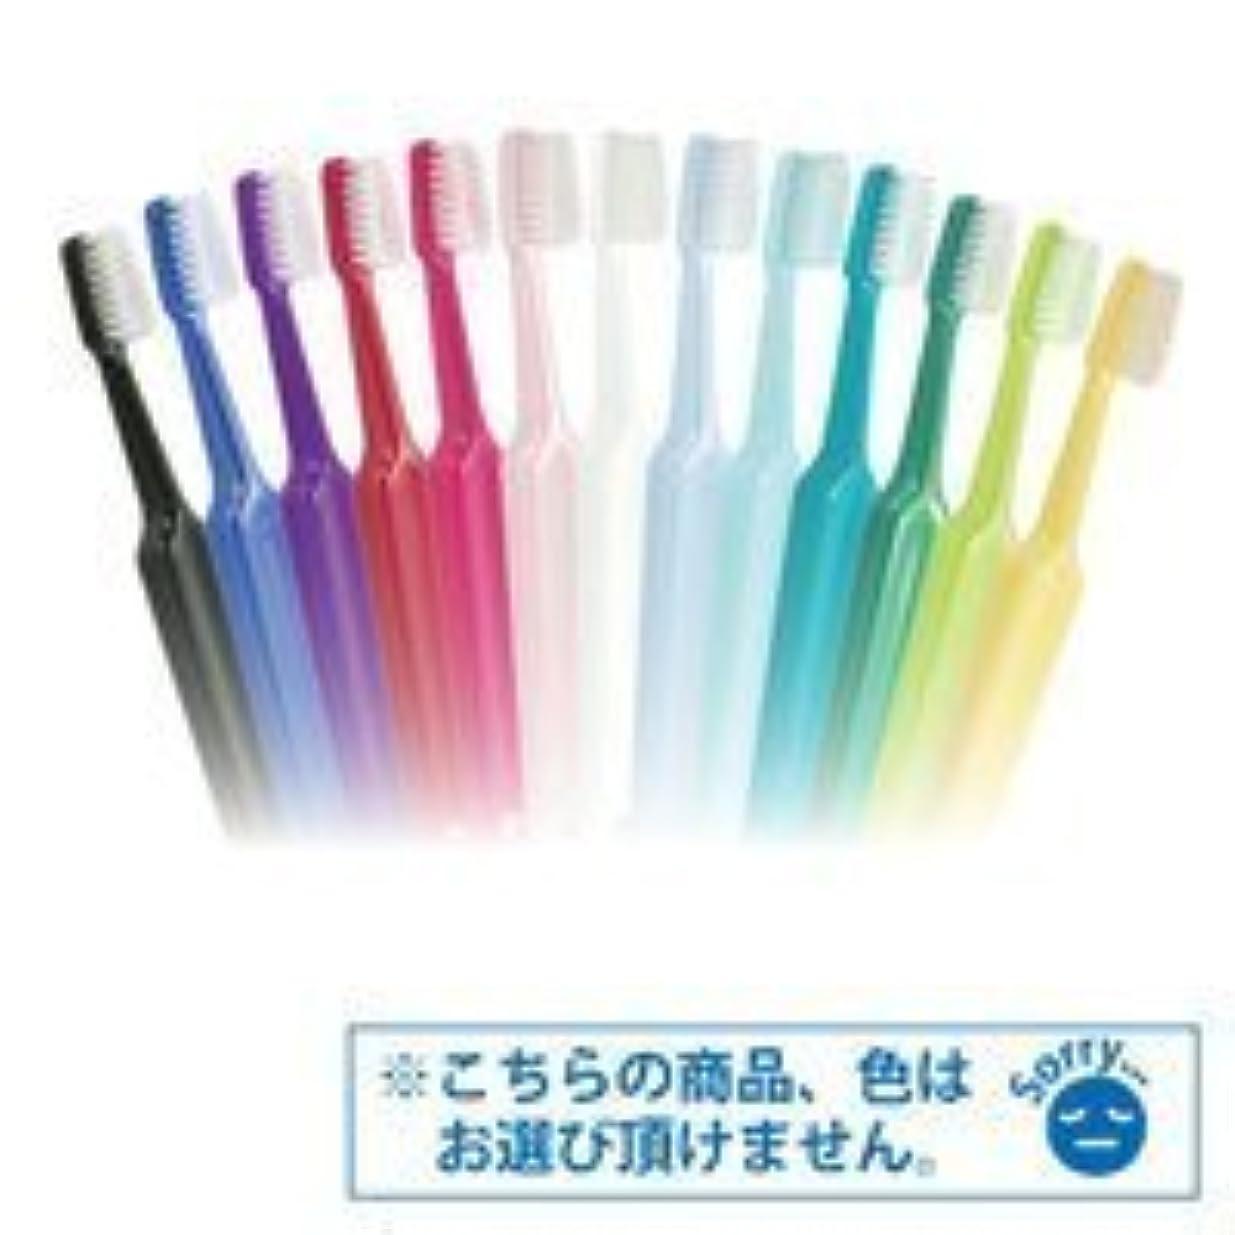 の前で酸っぱいの前でTepe歯ブラシ セレクトコンパクト/ミディアム 25本/箱